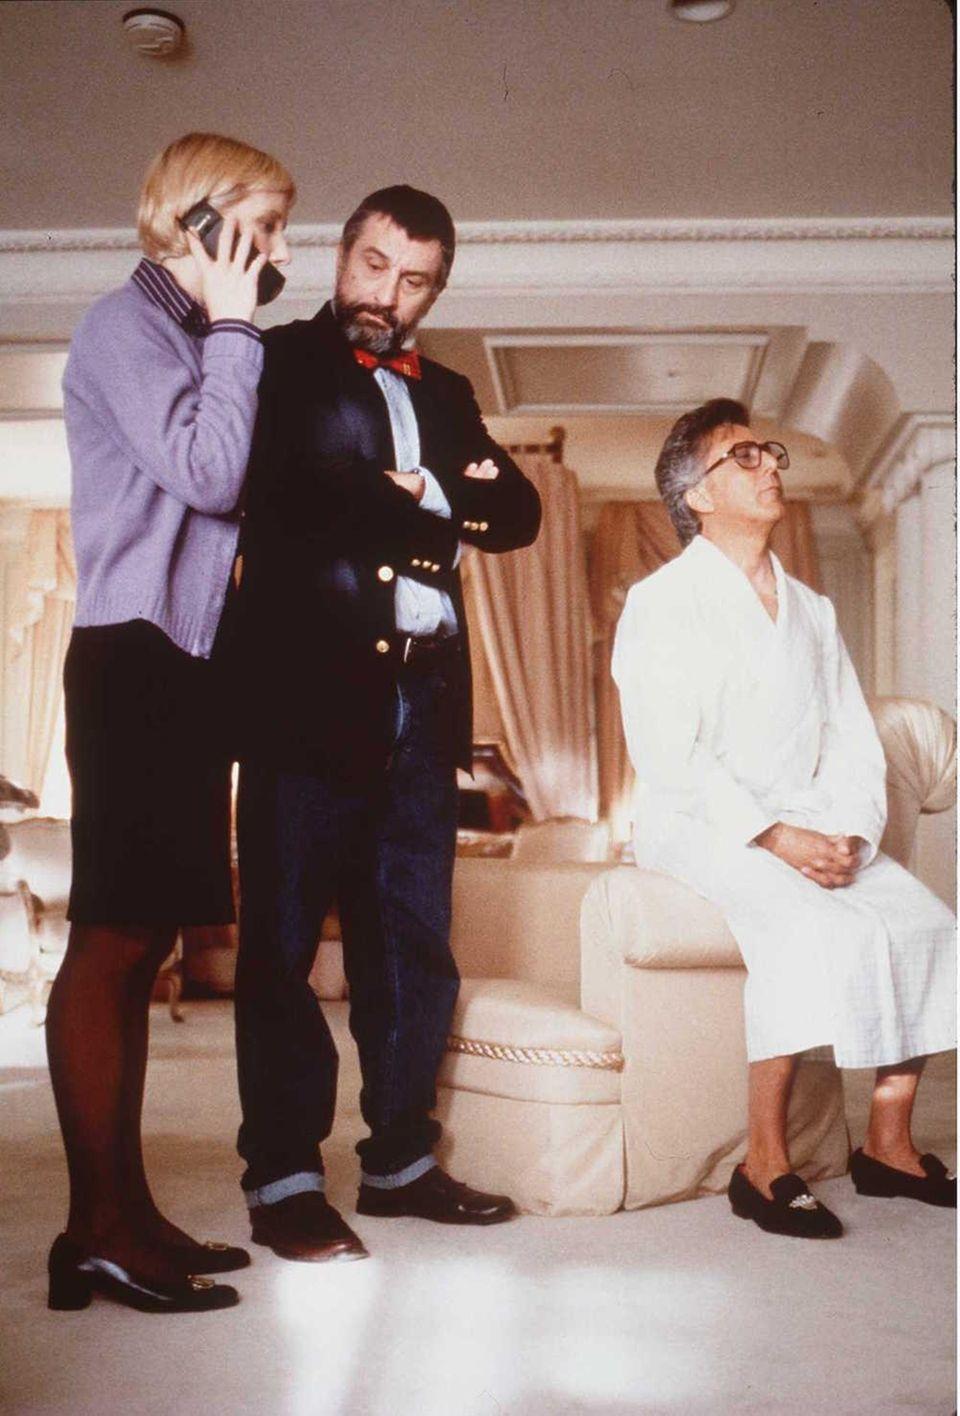 Anne Heche, left, Robert De Niro and Dustin